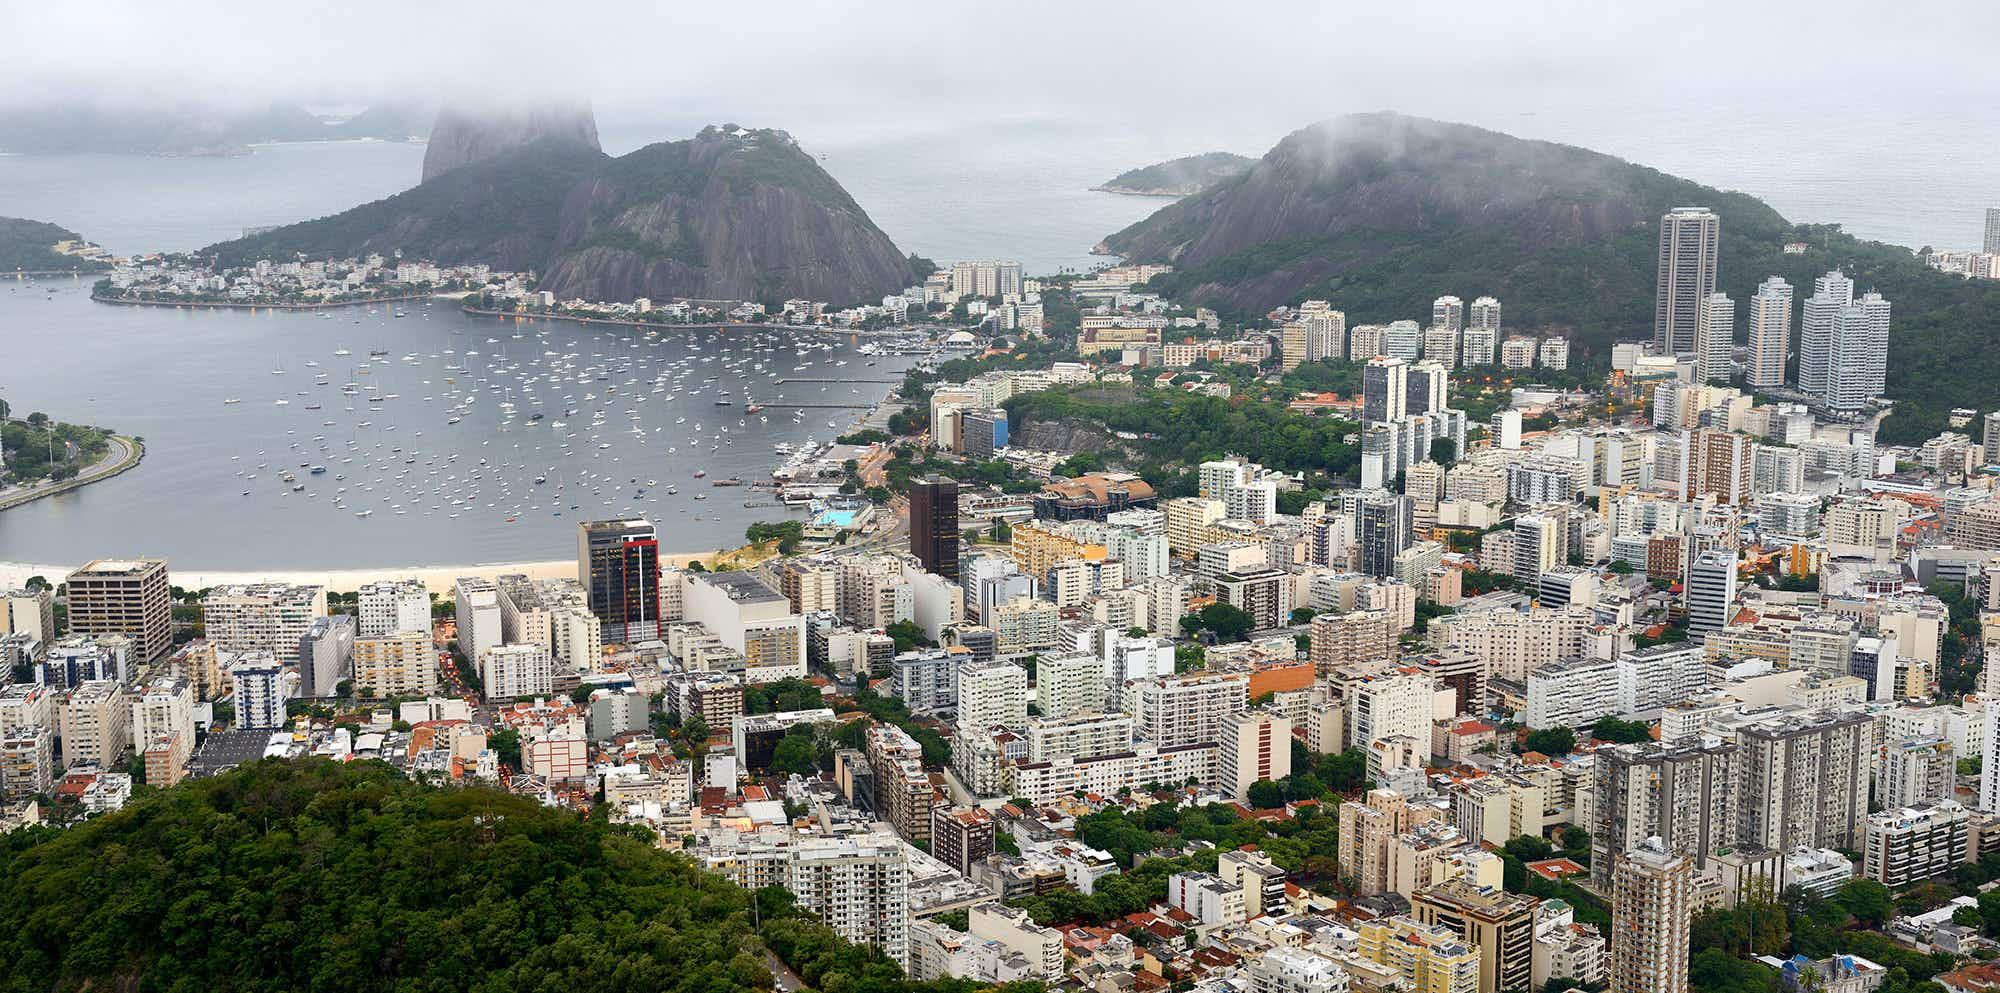 Rio de Janeiro develops new craze for Brazilian wine